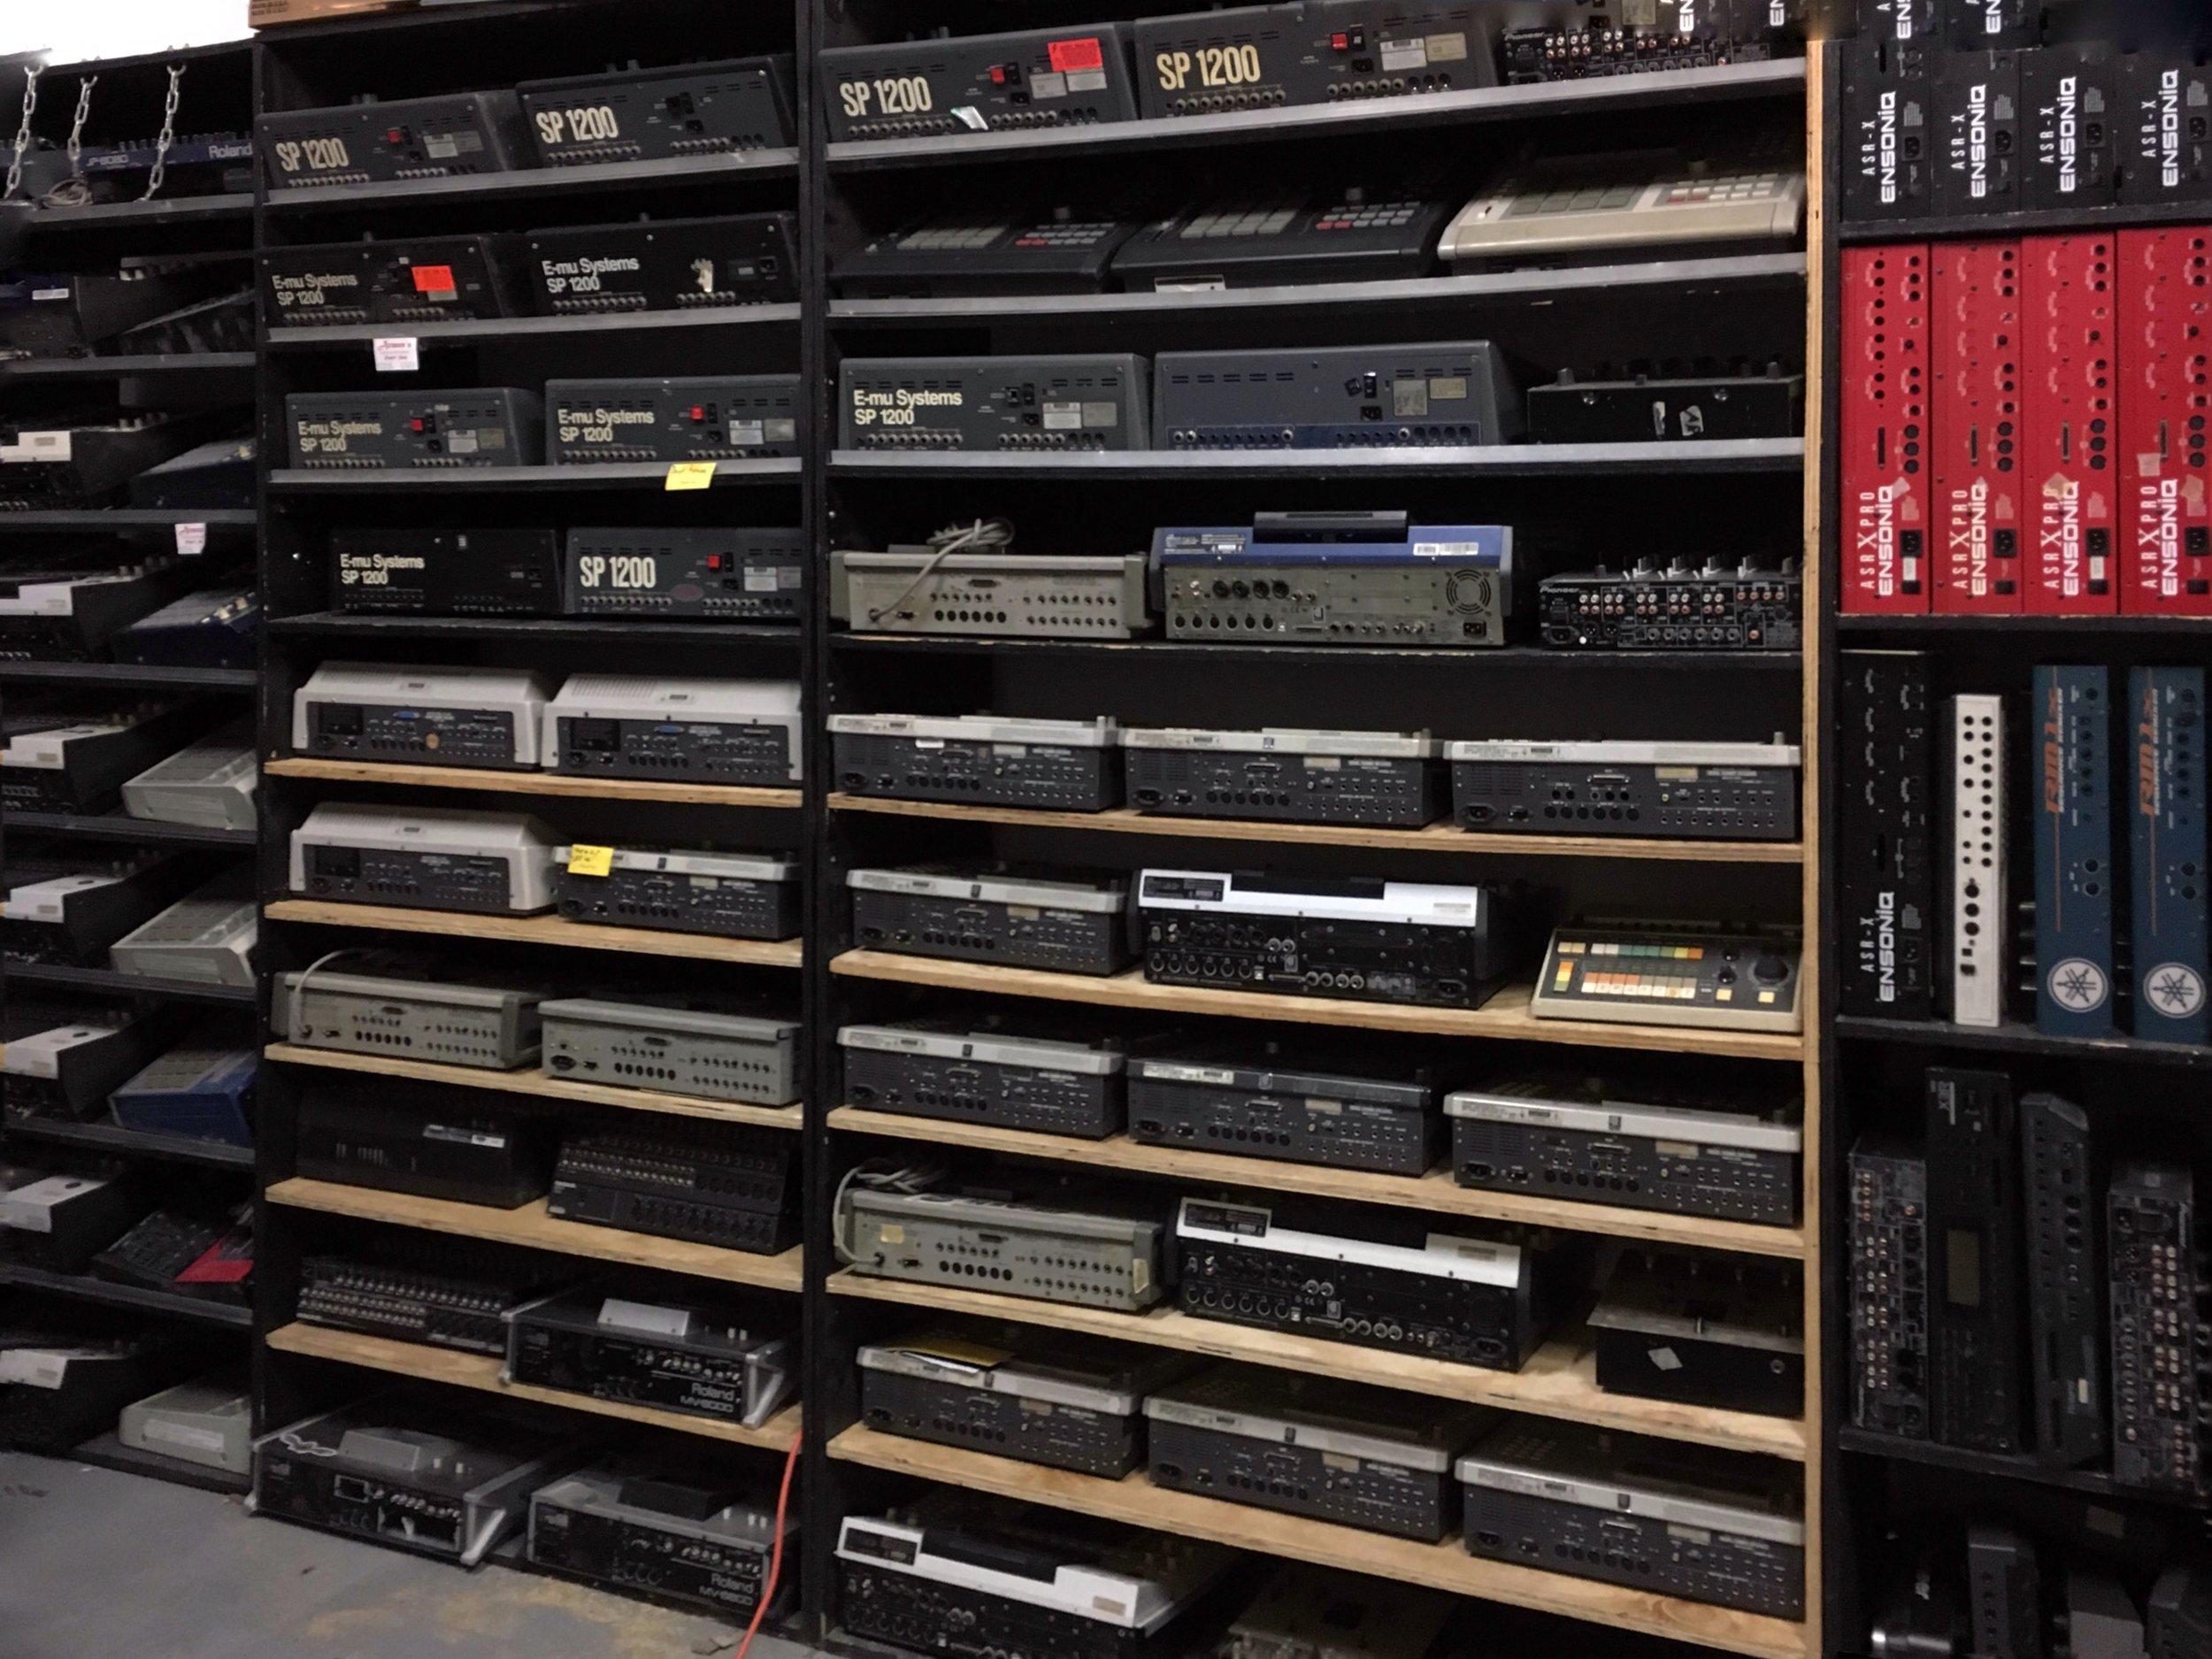 drum machines sp1200 mpc